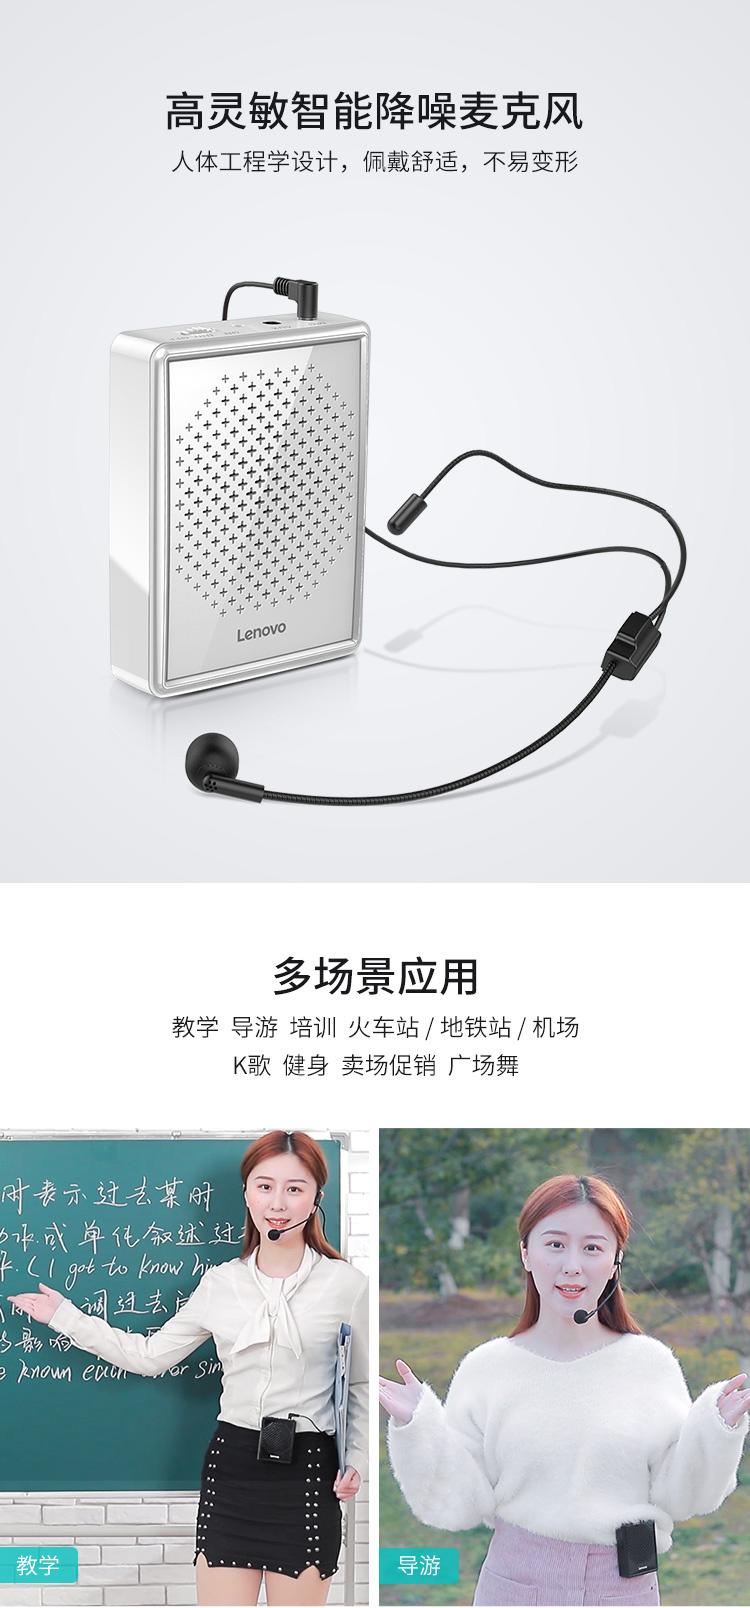 联想(Lenovo)A300小蜜蜂扩音器喇叭大功率腰挂便携导游教师教学专用迷你音响音箱星耀黑